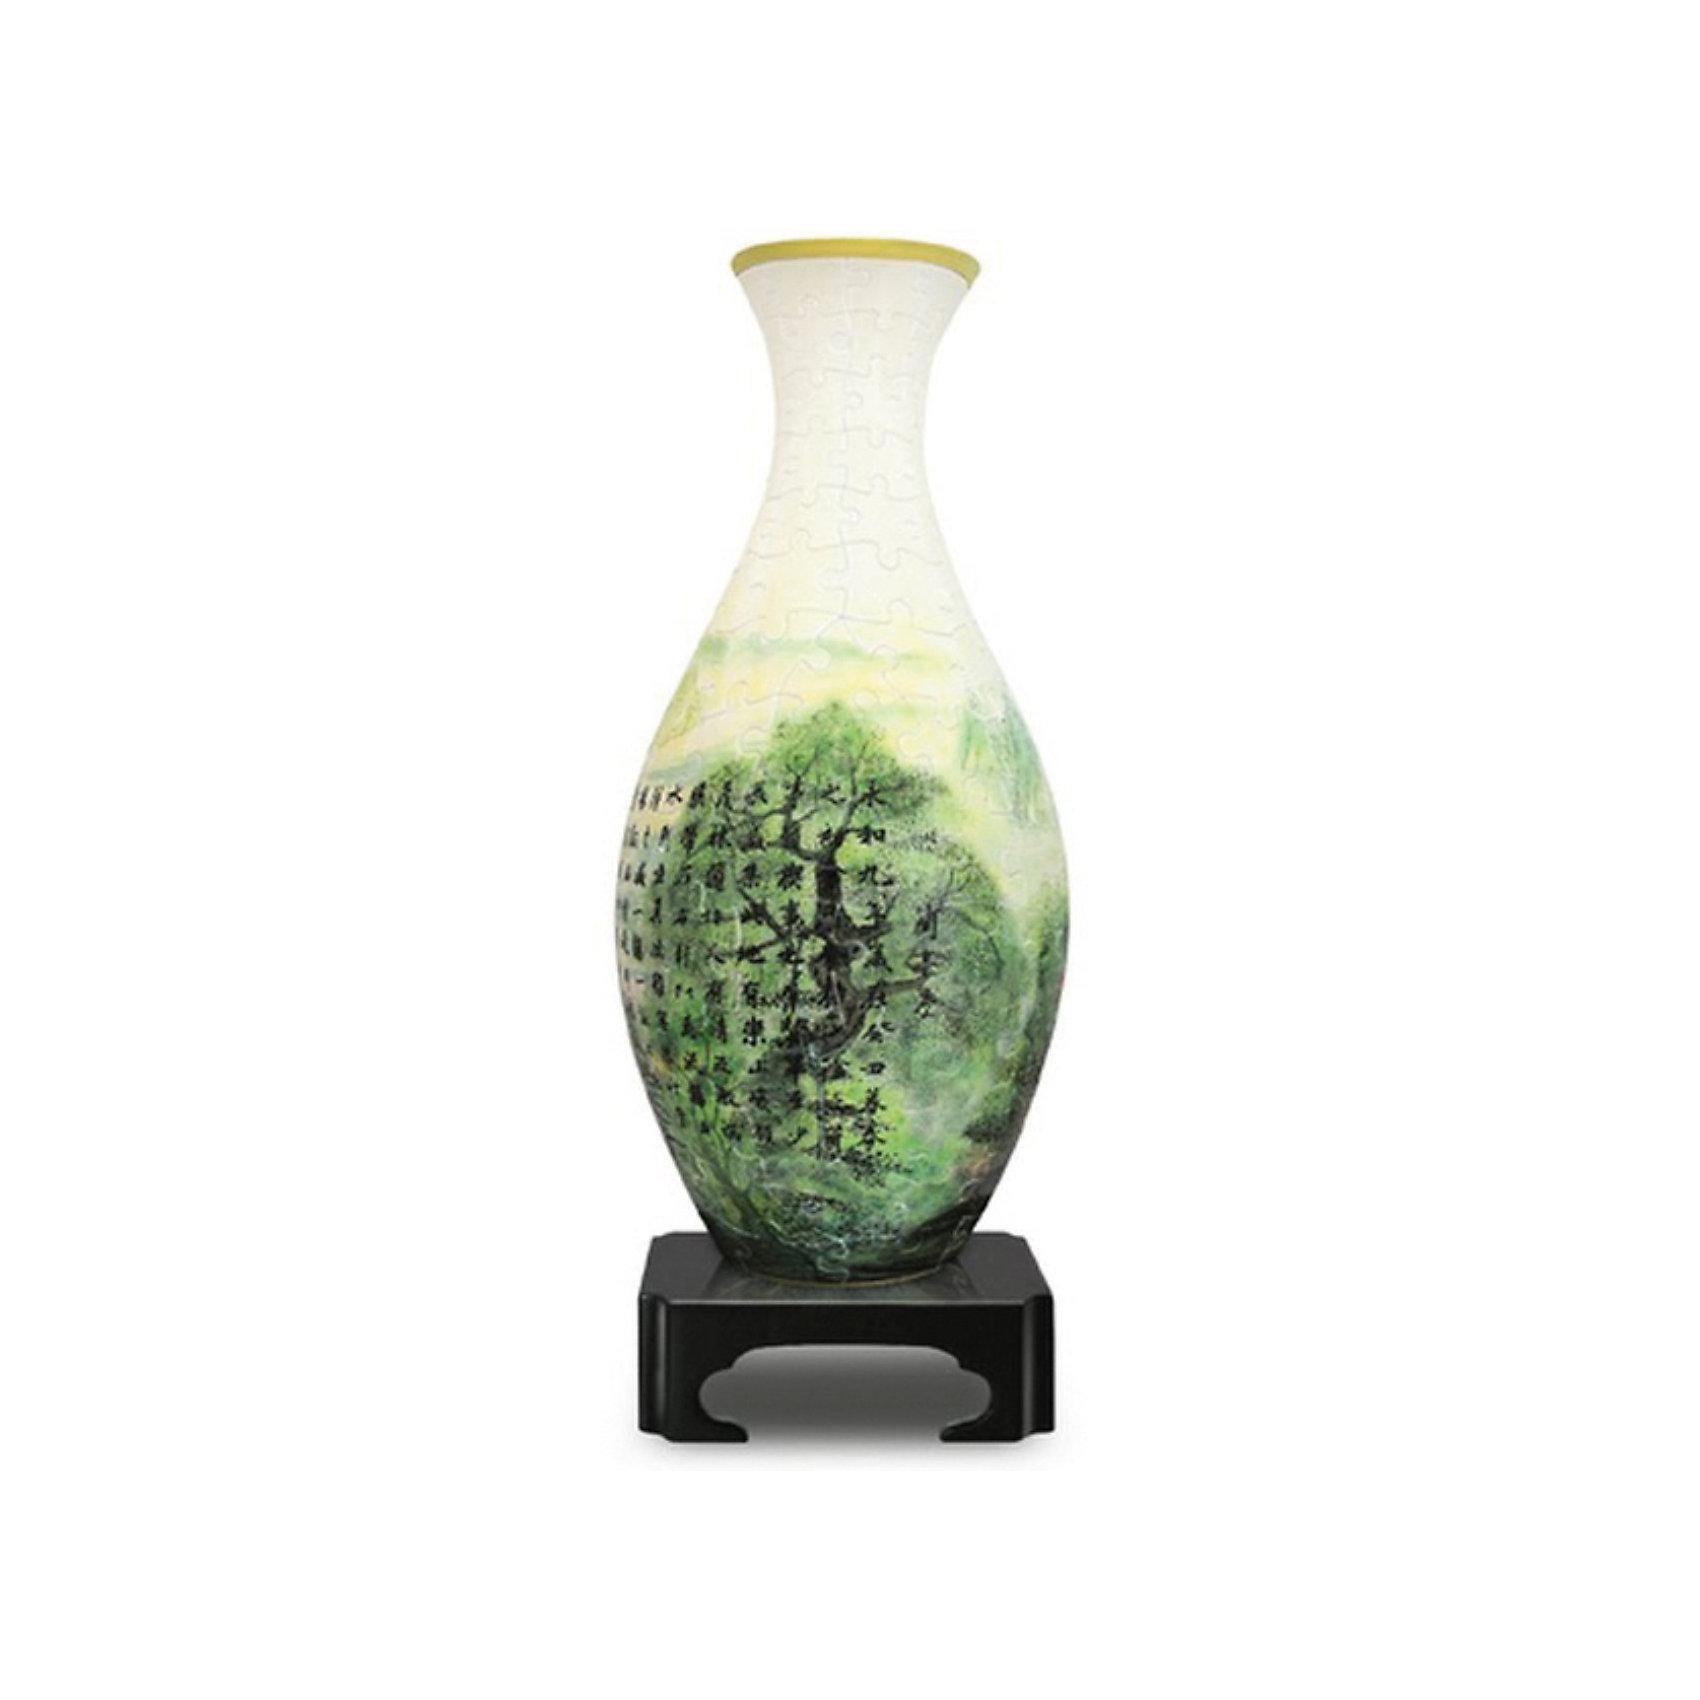 Pintoo Пазл 3D Вазы: Бонсай, 160 деталей, Pintoo